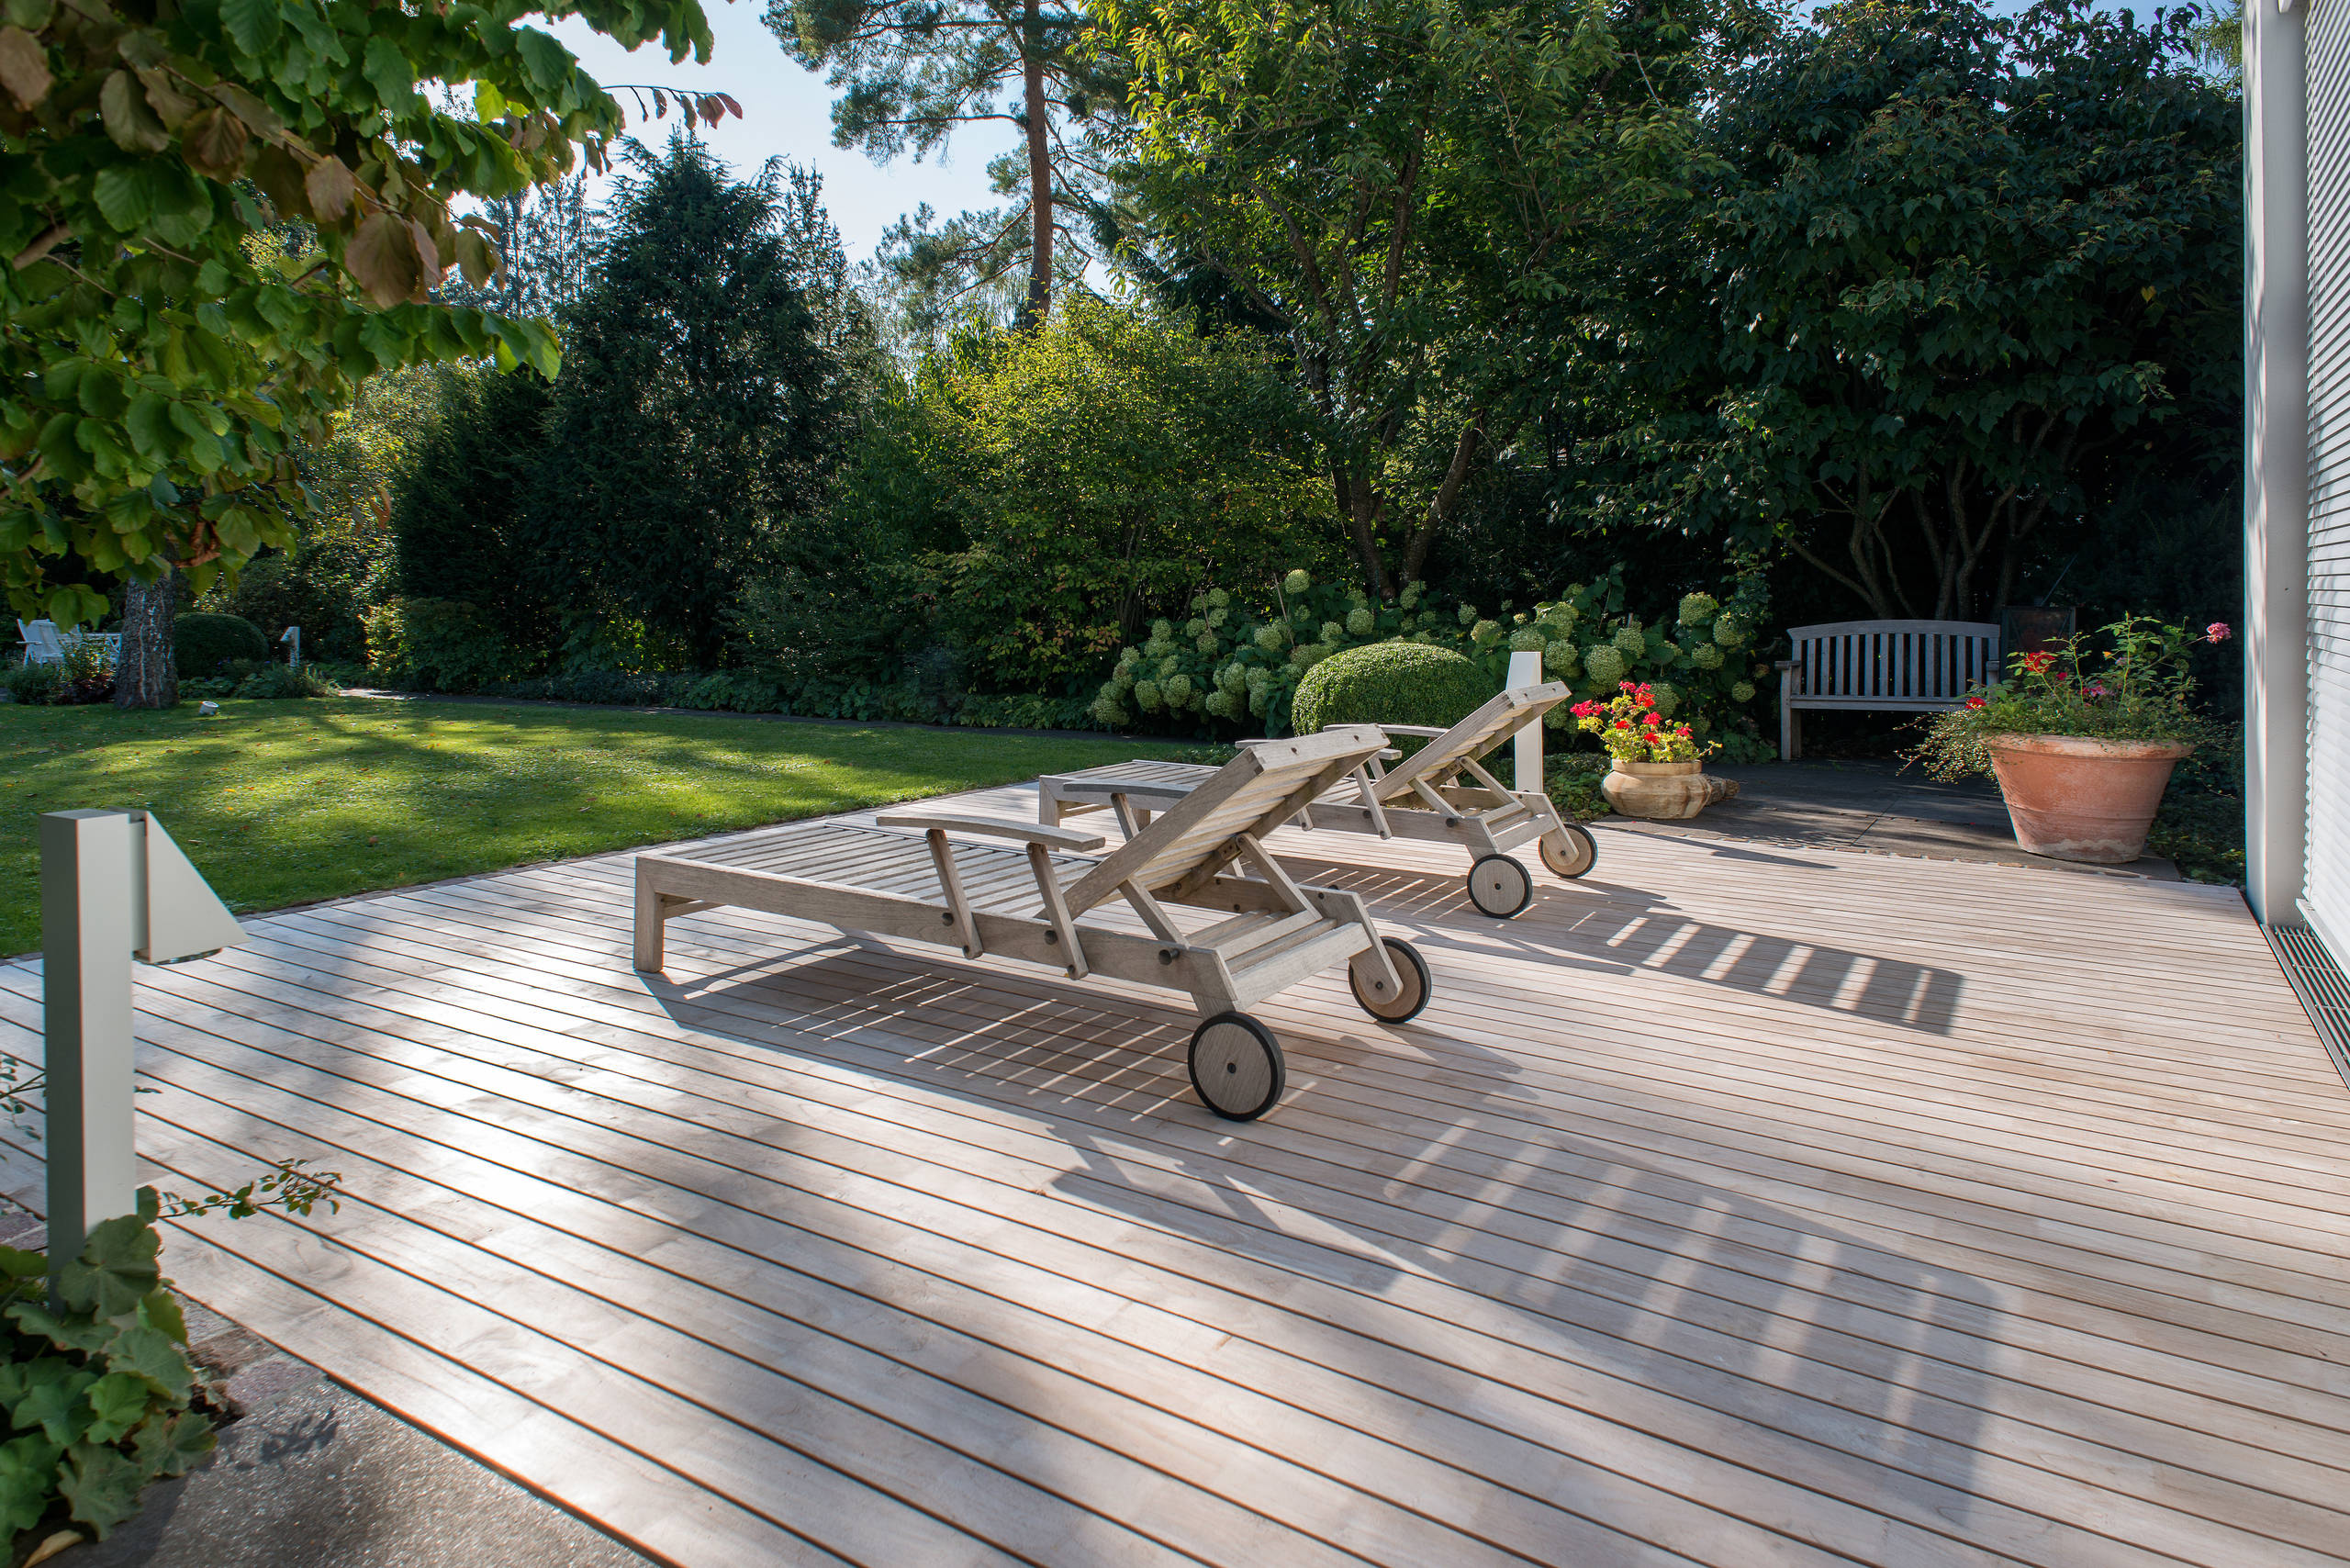 20 Materialien für einen schönen Terrassenboden